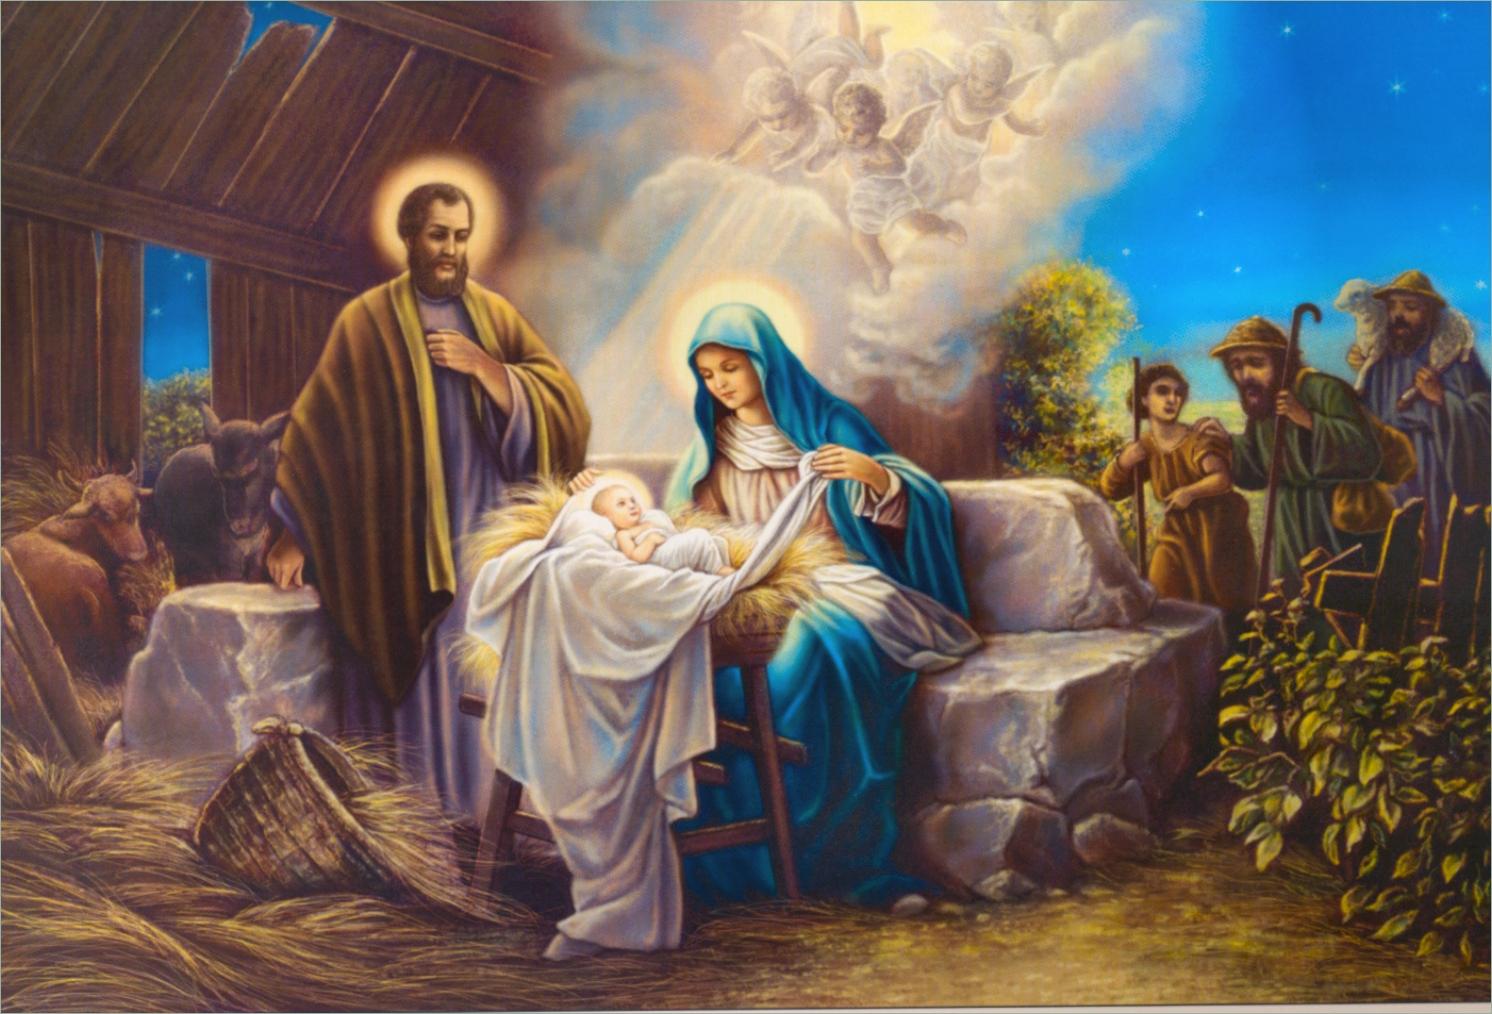 Прощай, христианские рождественские картинки на рабочий стол на весь экран